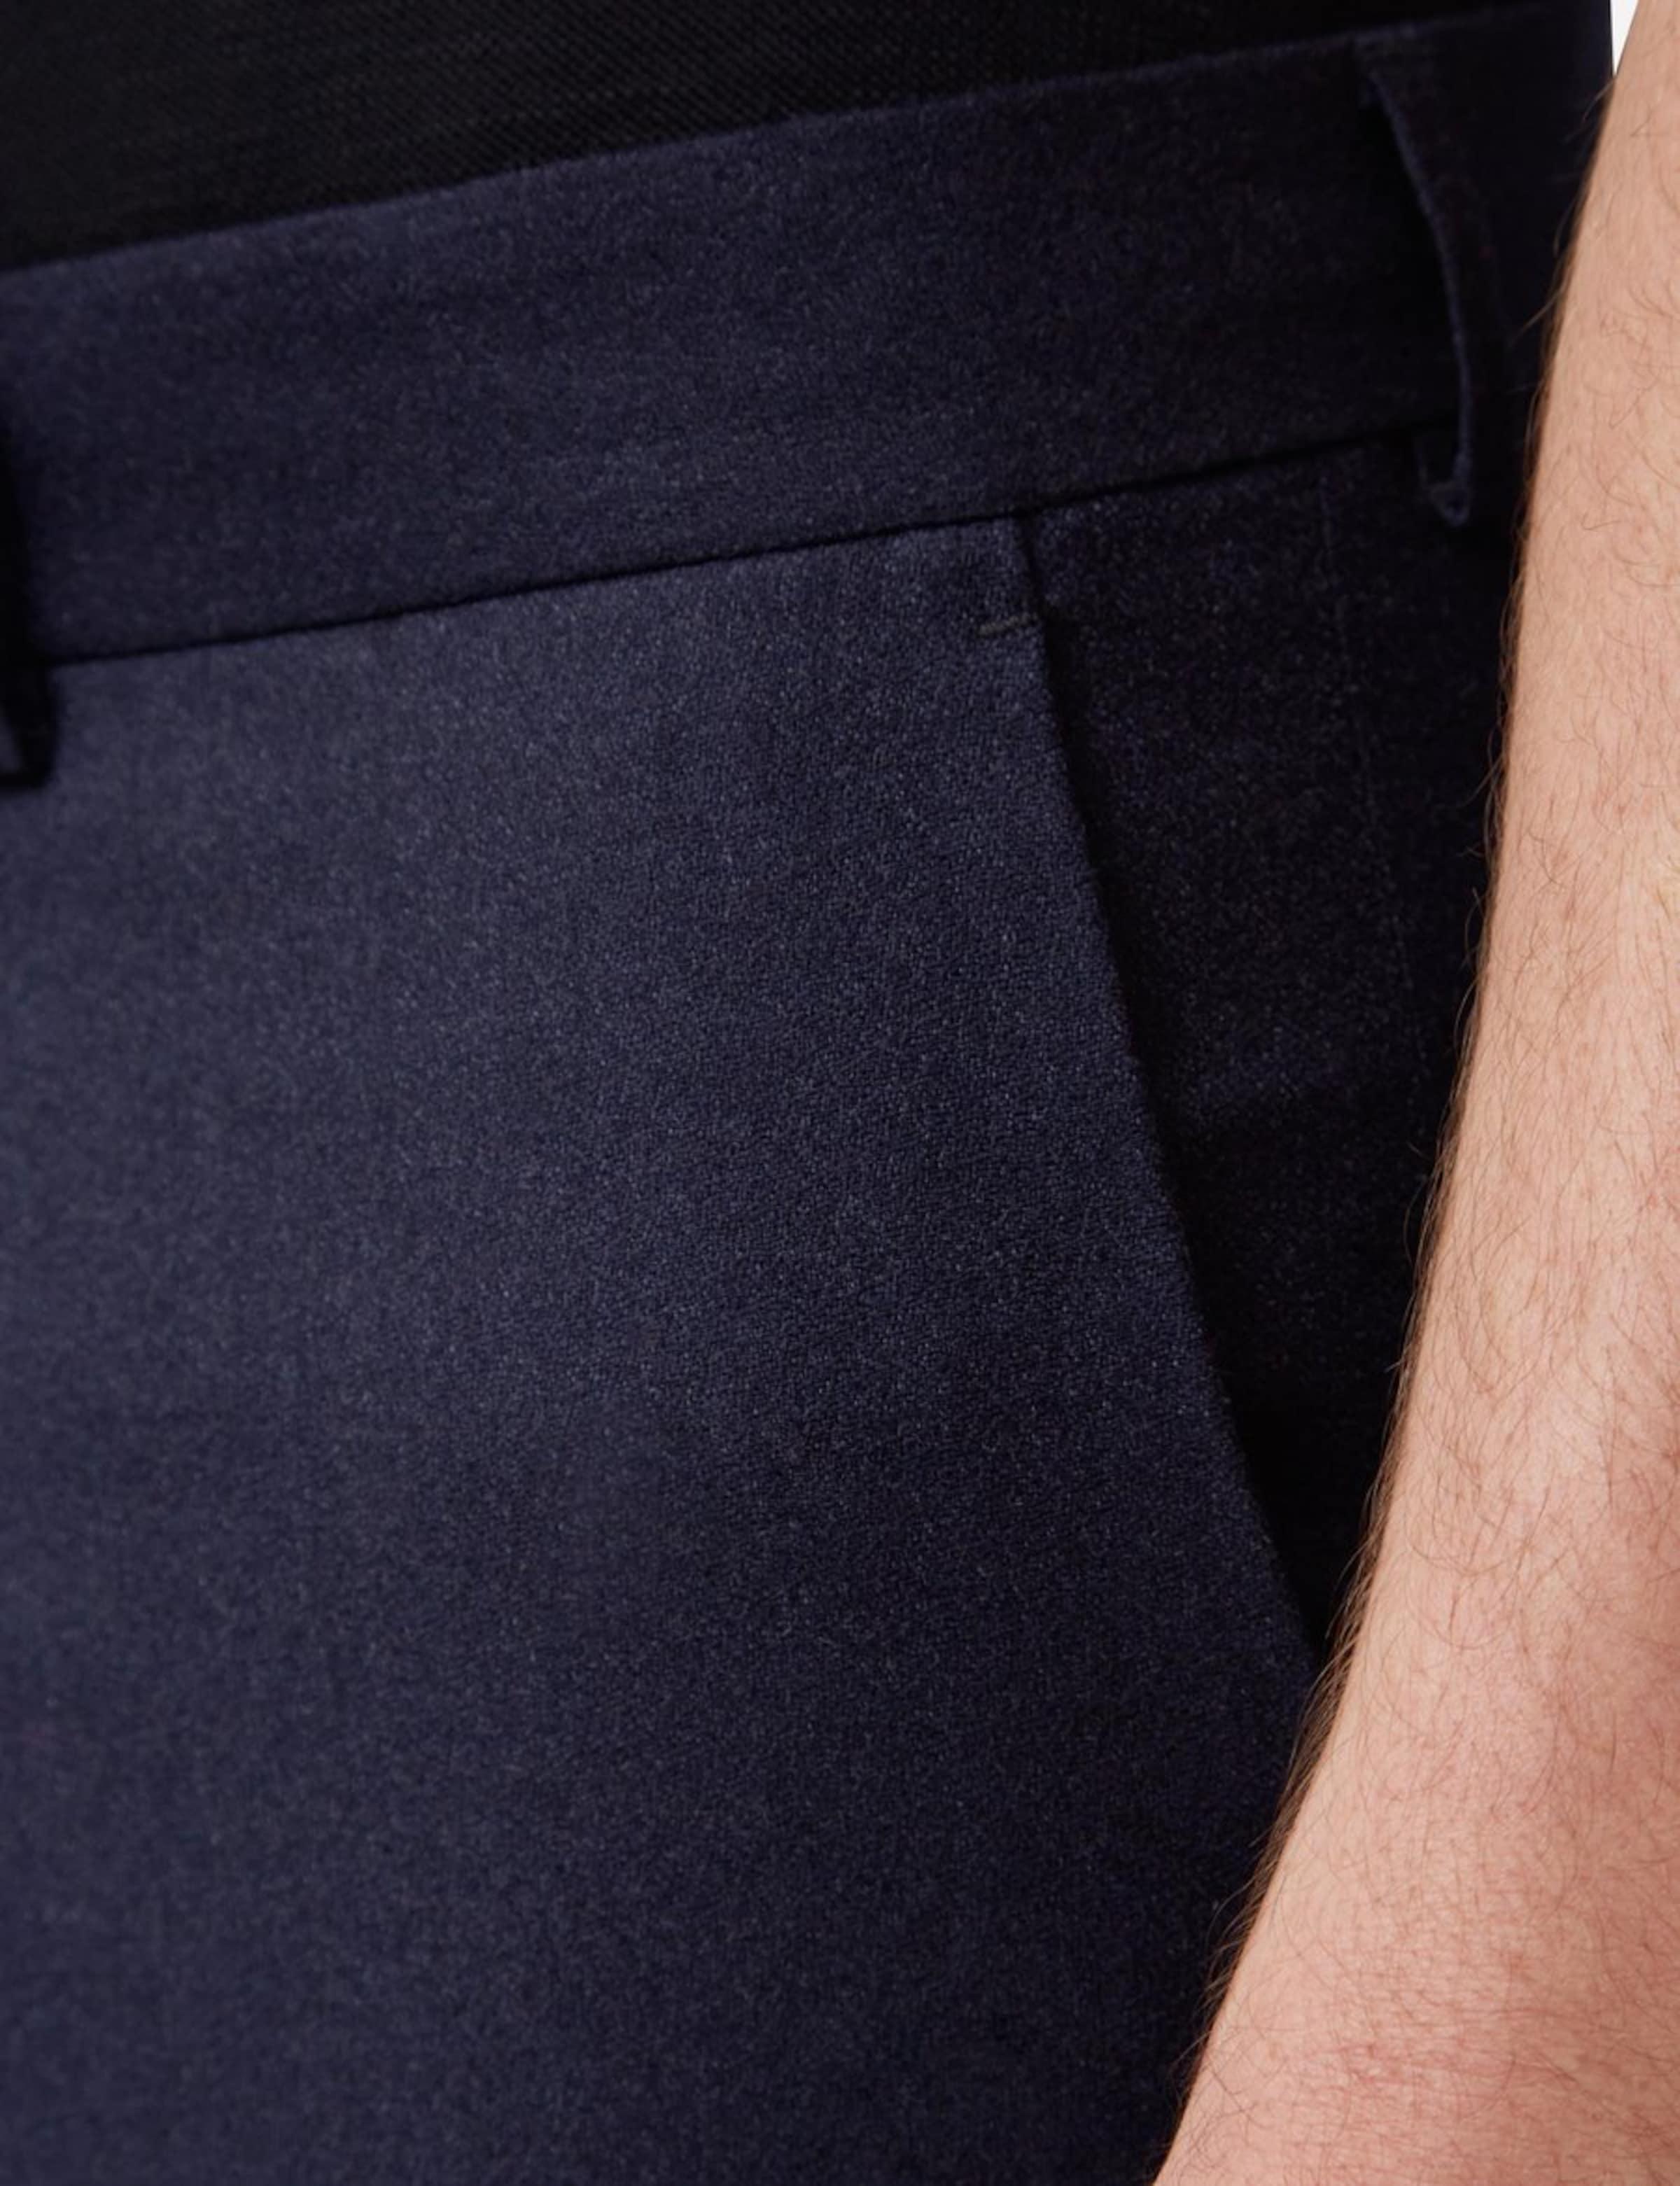 Billige Fälschung J.Lindeberg Anzughose 'Grant Combat' Freies Verschiffen Extrem Natürlich Und Frei Sneakernews Zum Verkauf vx52KVG